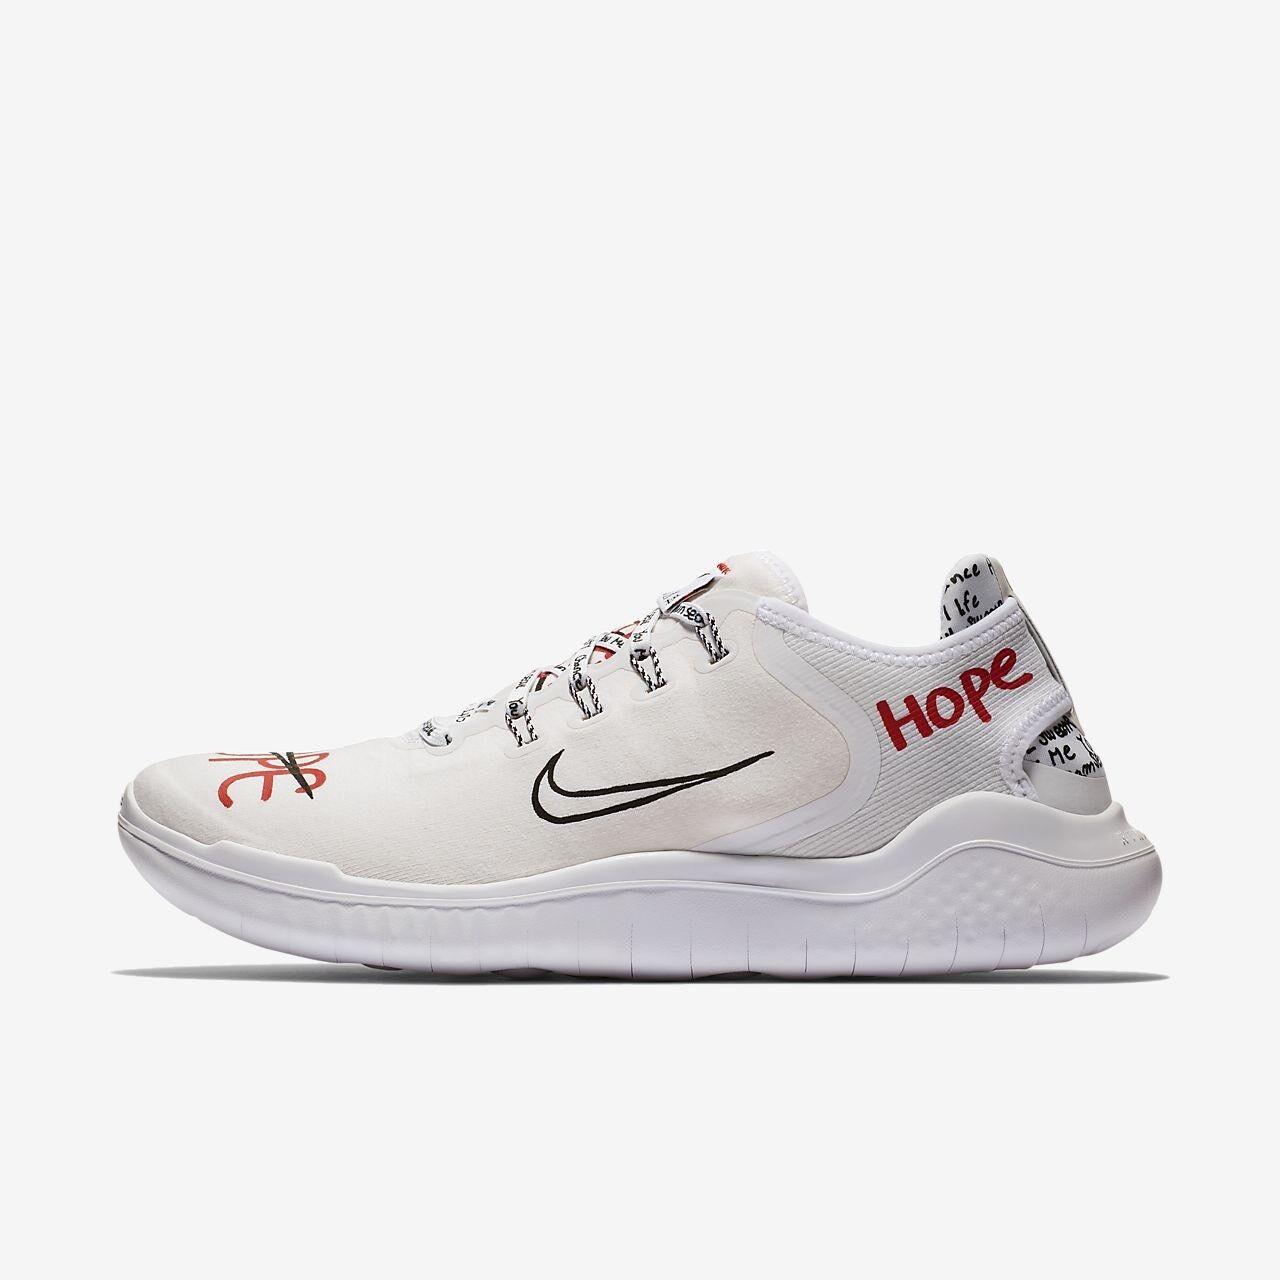 Nike x novo free RN 2018 de camiseta para los pies de 2018 los hombres ah3966-1talla 12,5 ea8cfa